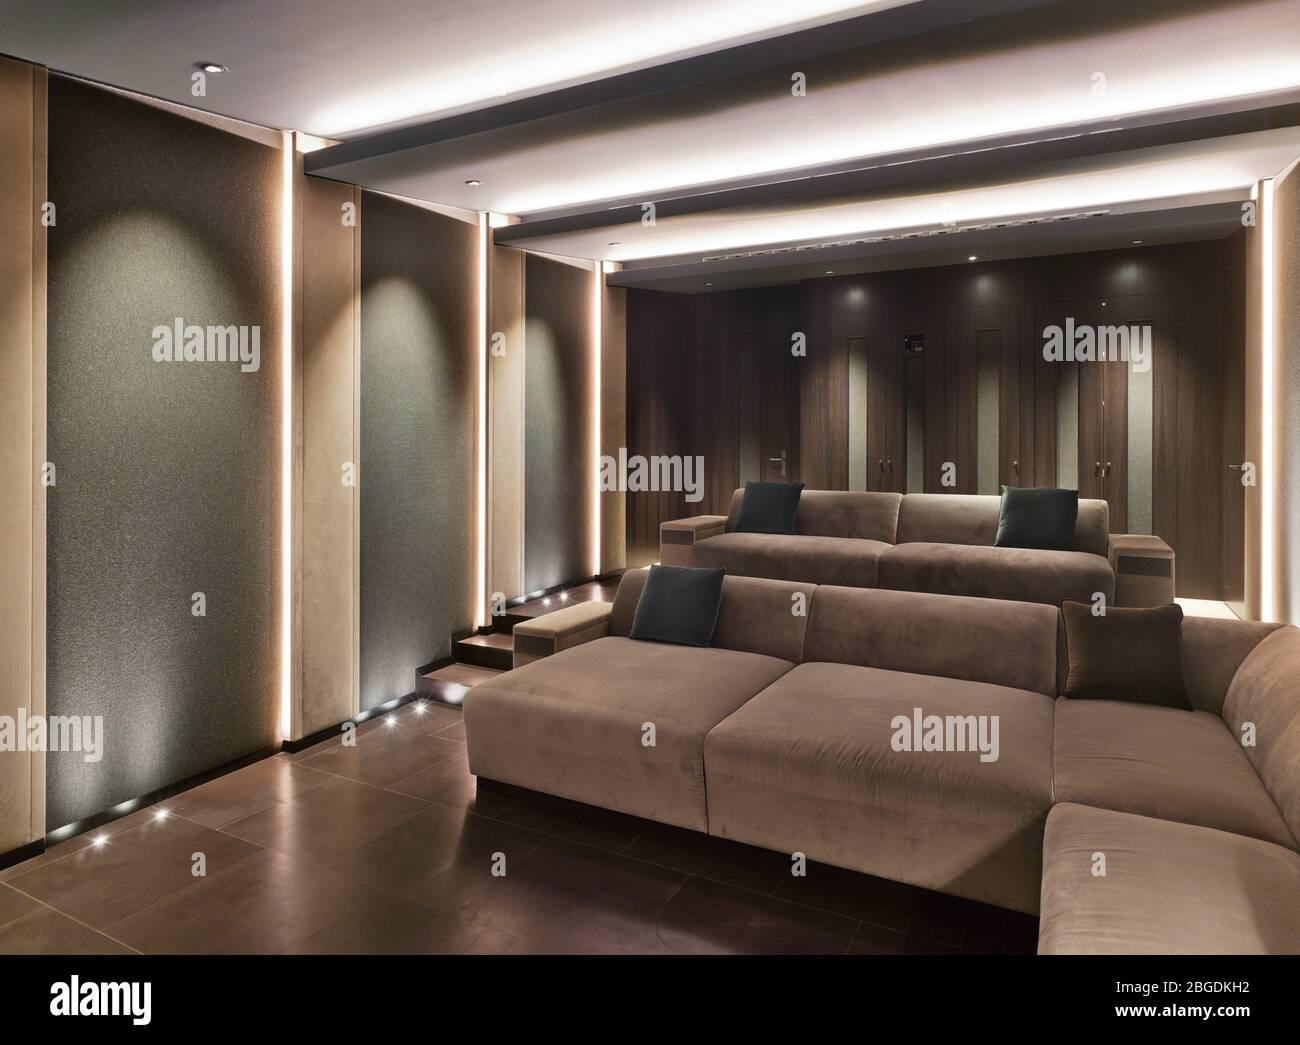 Country House Interior Design Stockfotos und  bilder Kaufen   Alamy